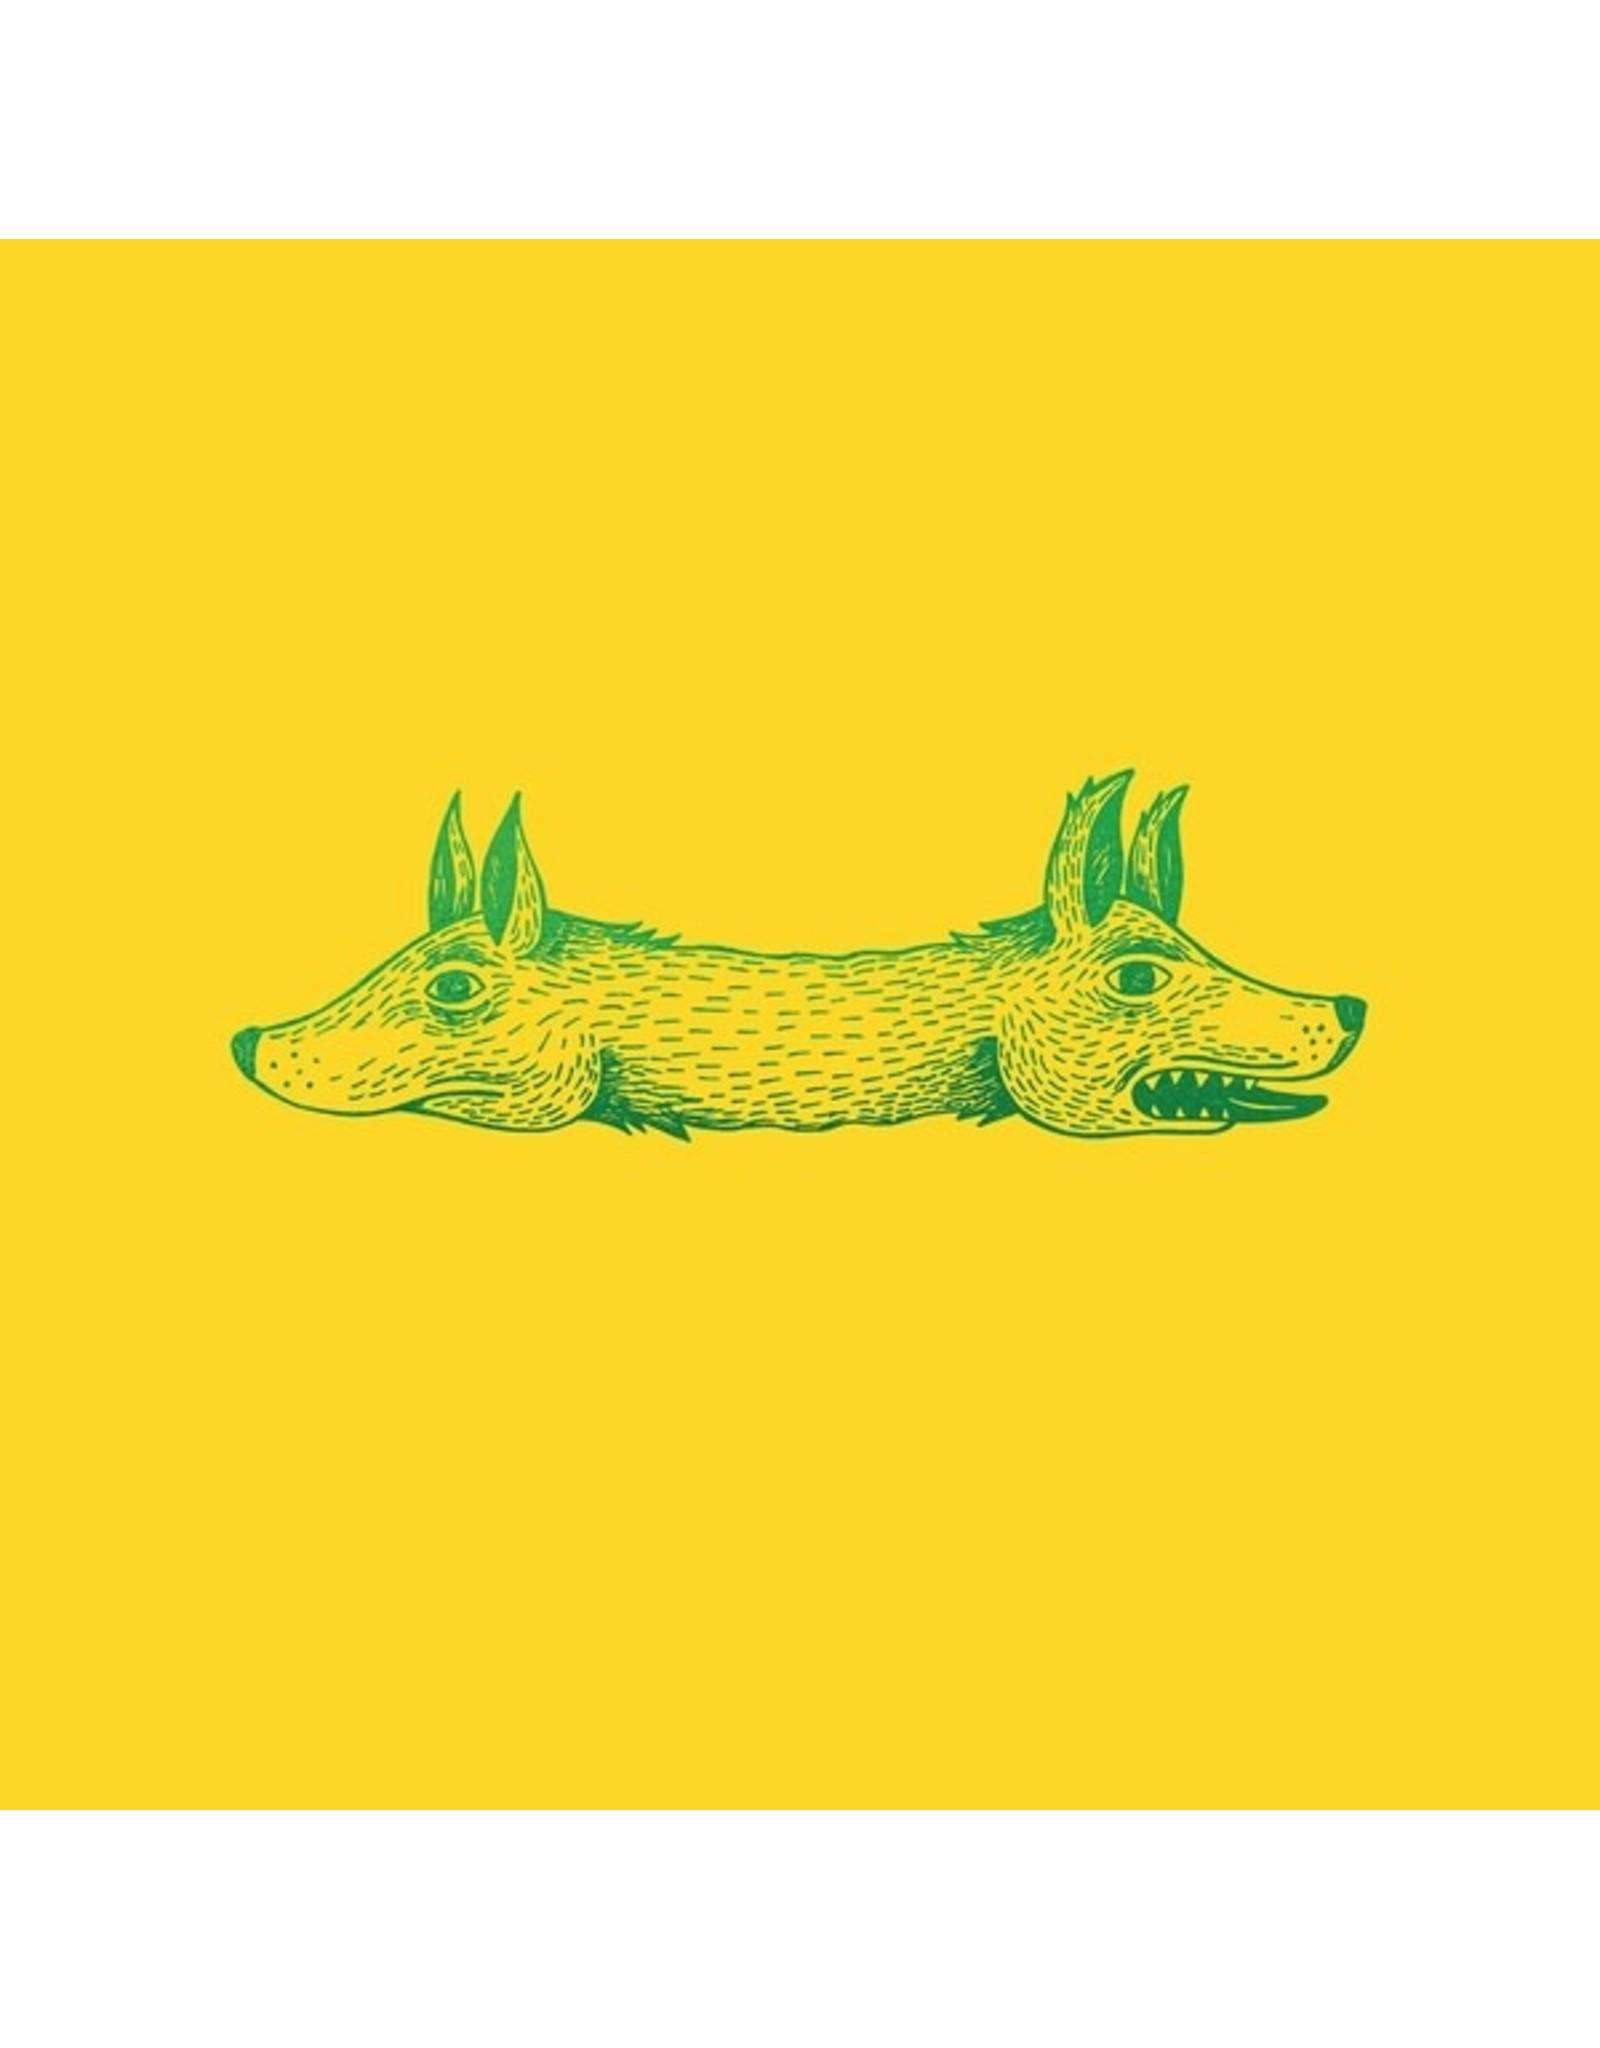 Akuphone Dwarfs Of East Agouza: Green Dogs of Dahshur LP